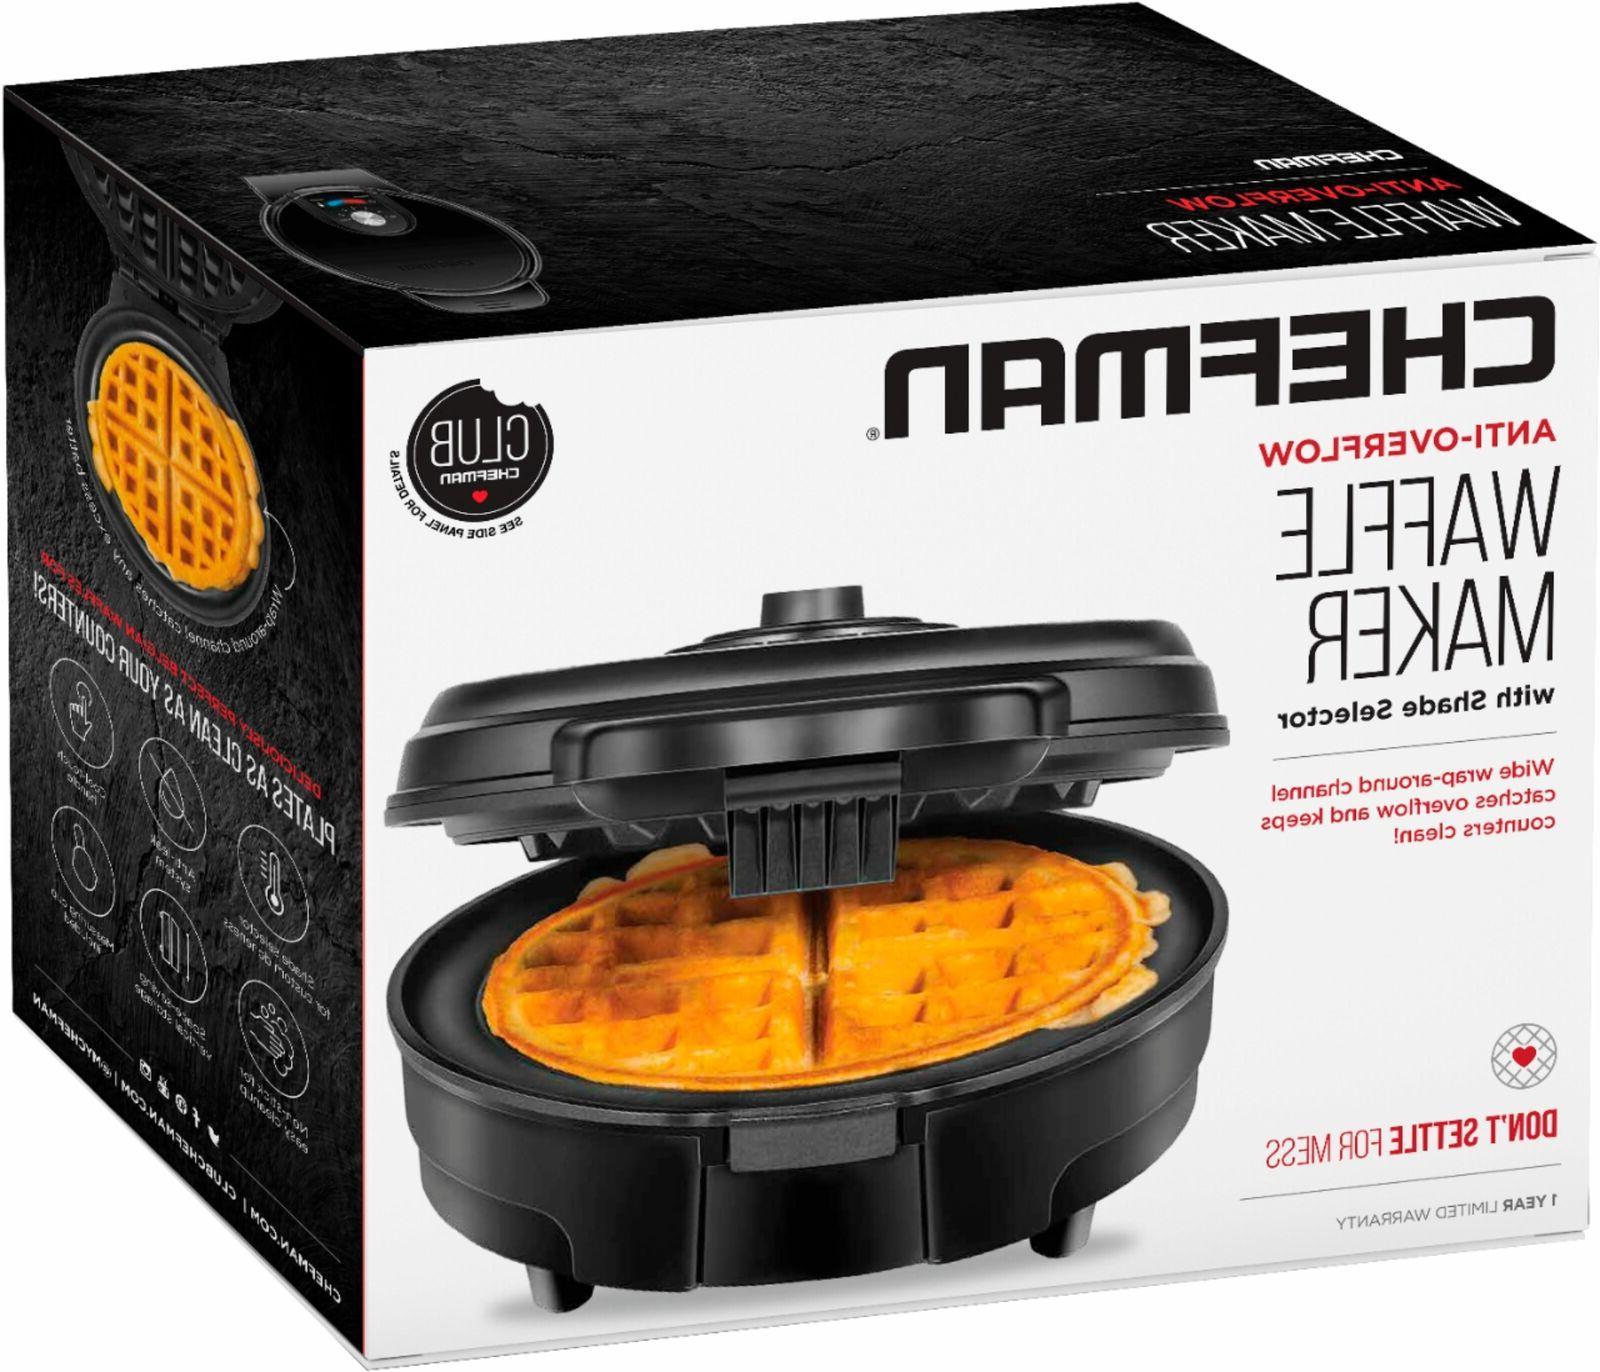 CHEFMAN Belgian Waffle Maker - Free Shipping